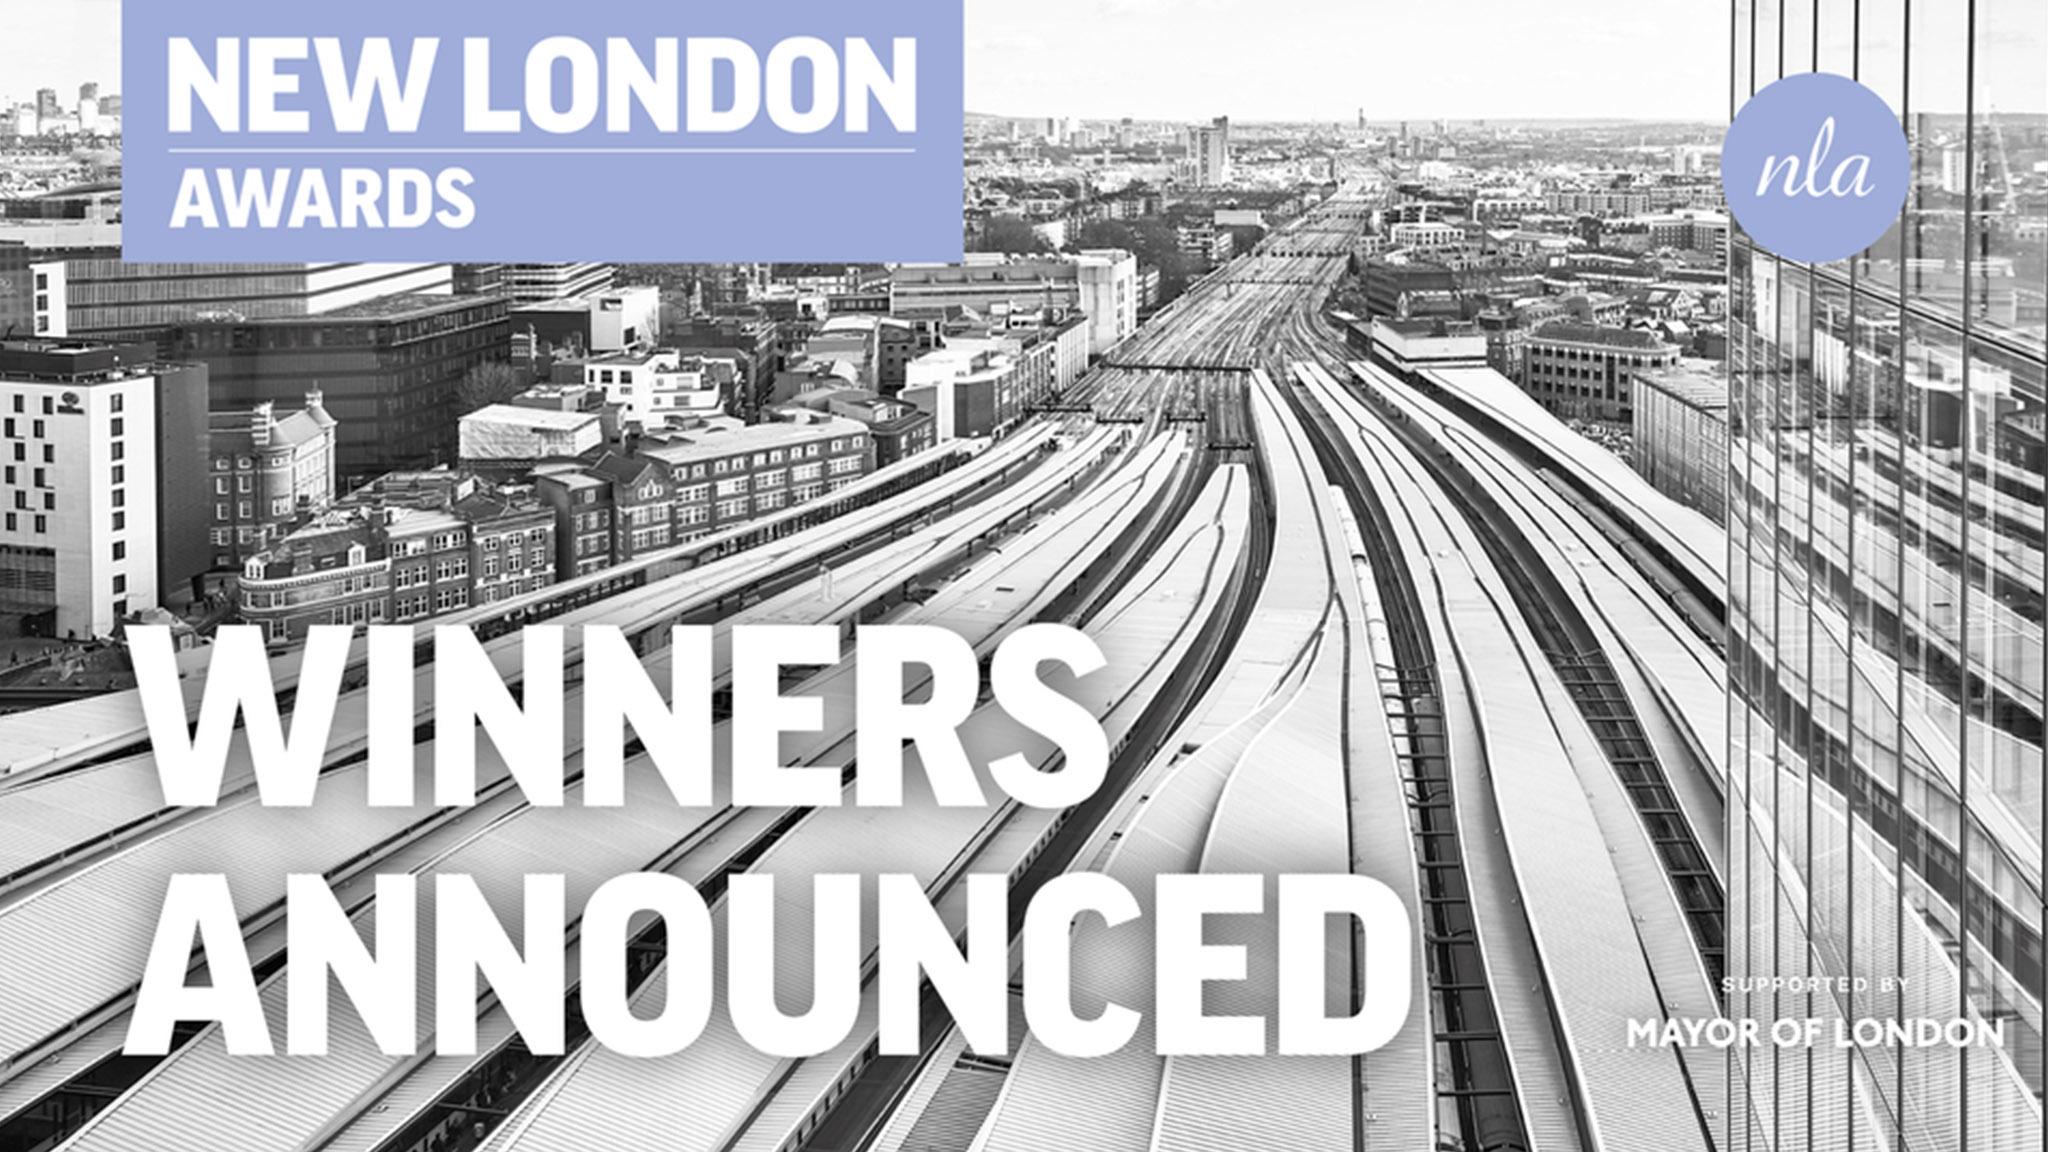 New London Awards 2018